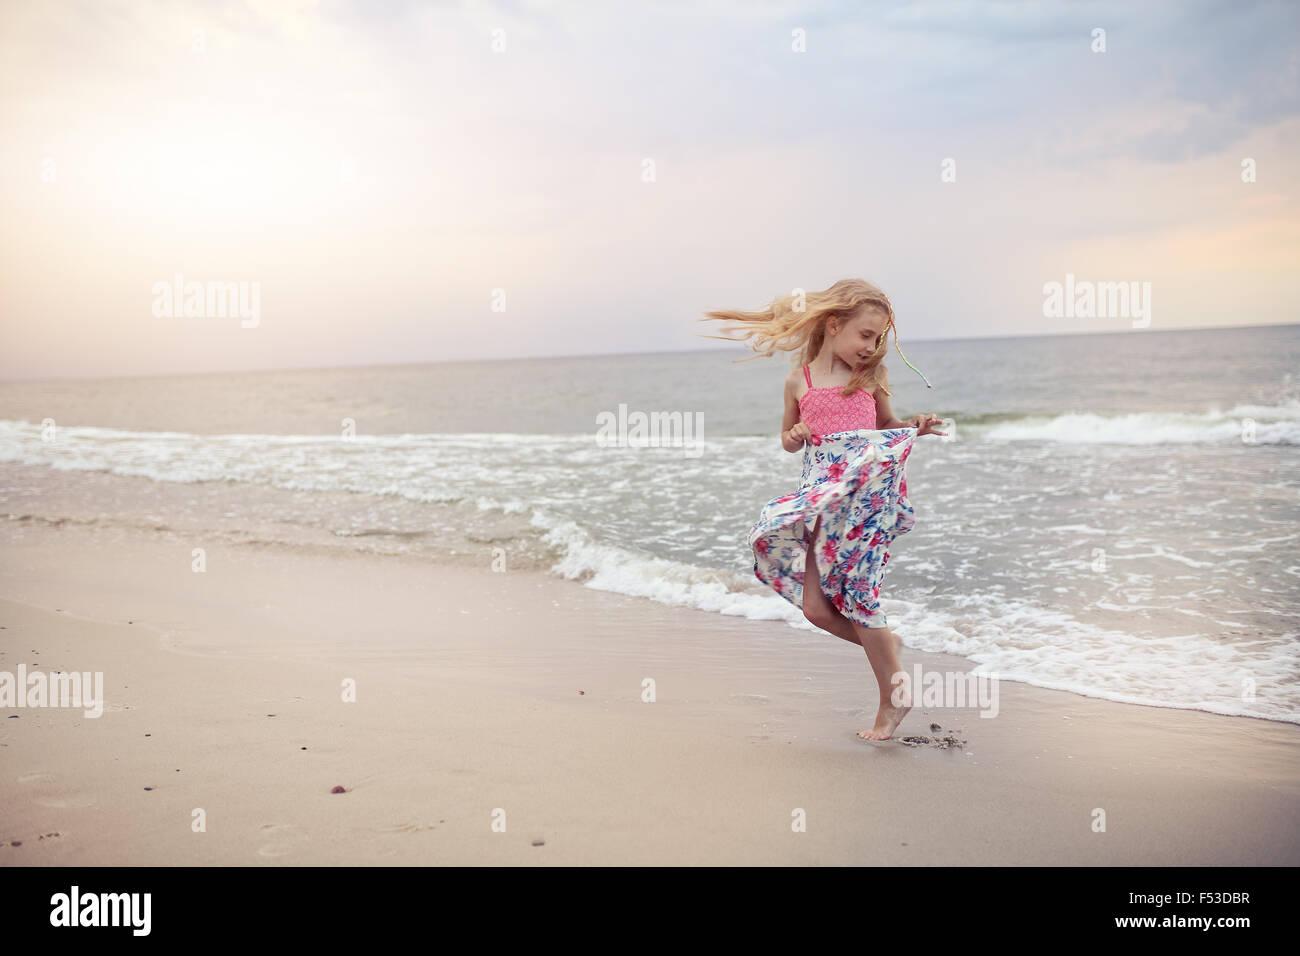 Liberté et flexibilité - enfance insouciante Photo Stock